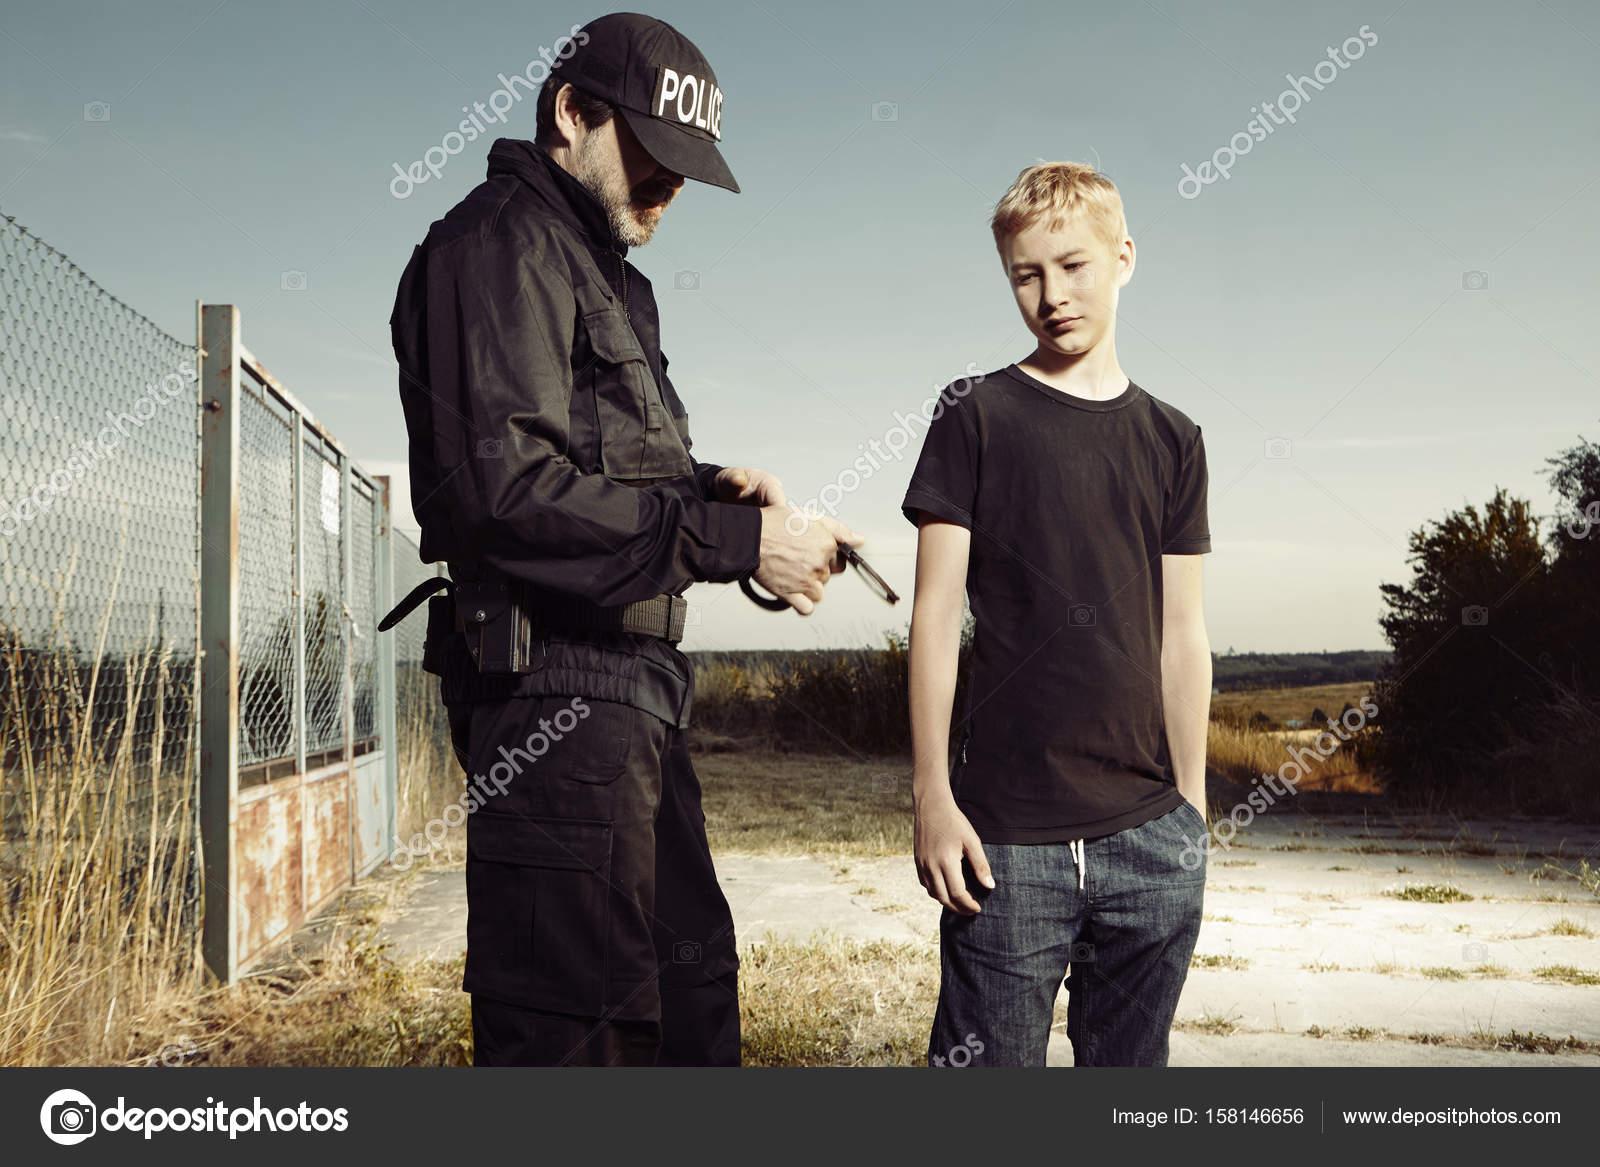 Zdarma policejní důstojník seznamka